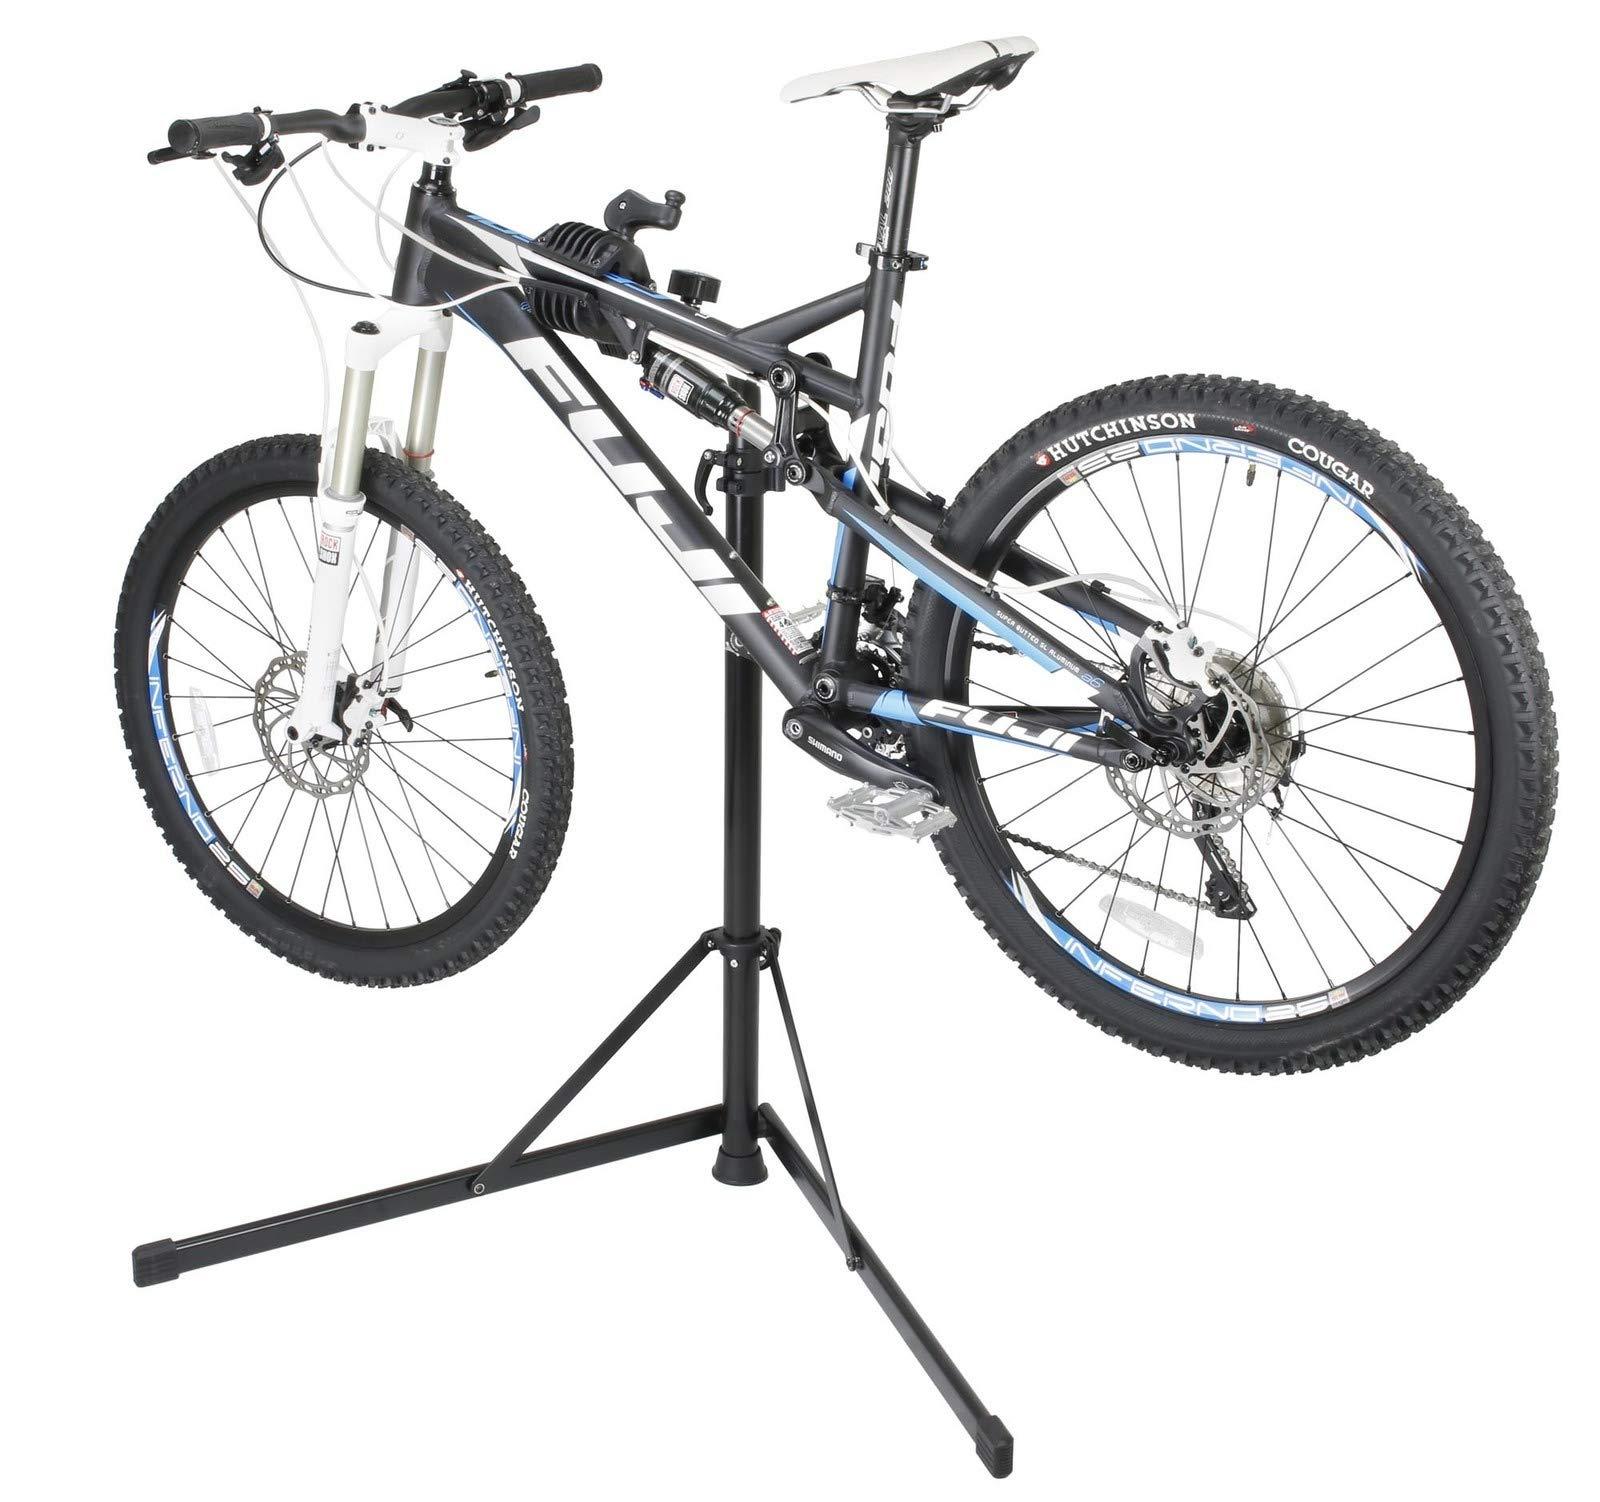 Venzo Pro - Soporte de reparación mecánica para bicicleta: Amazon.es: Deportes y aire libre